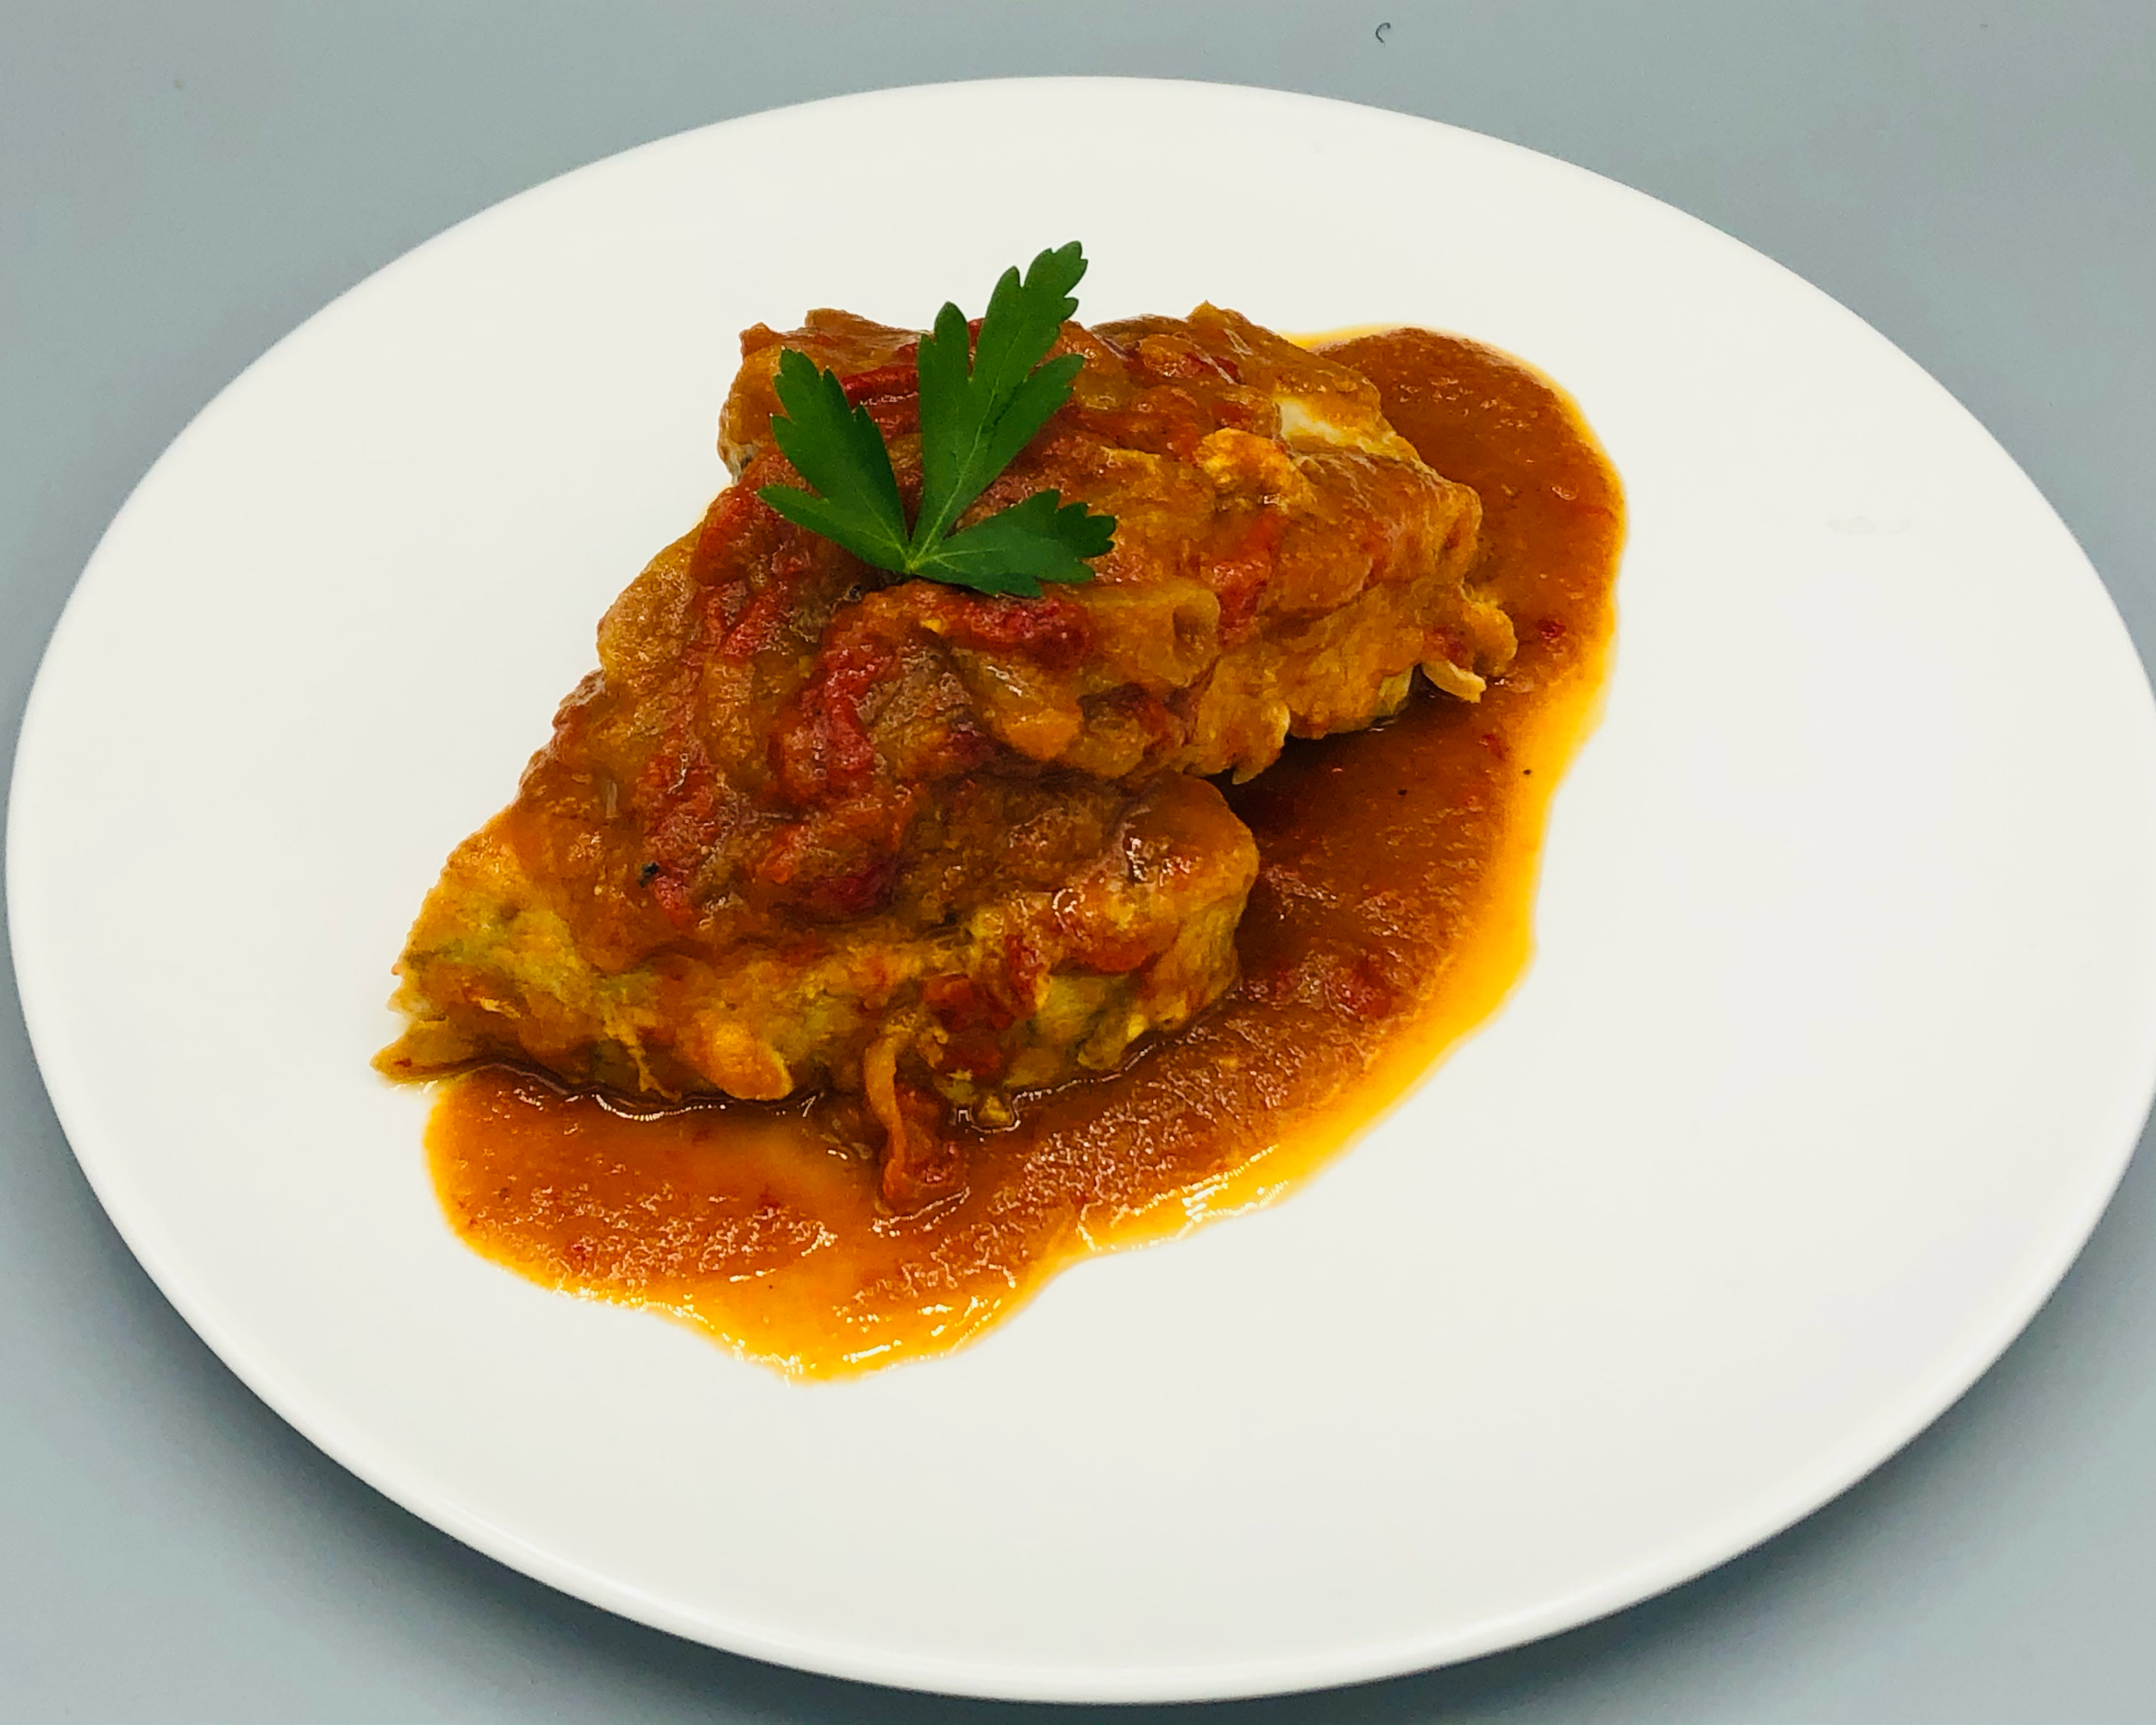 Bonito con tomate y piperrada